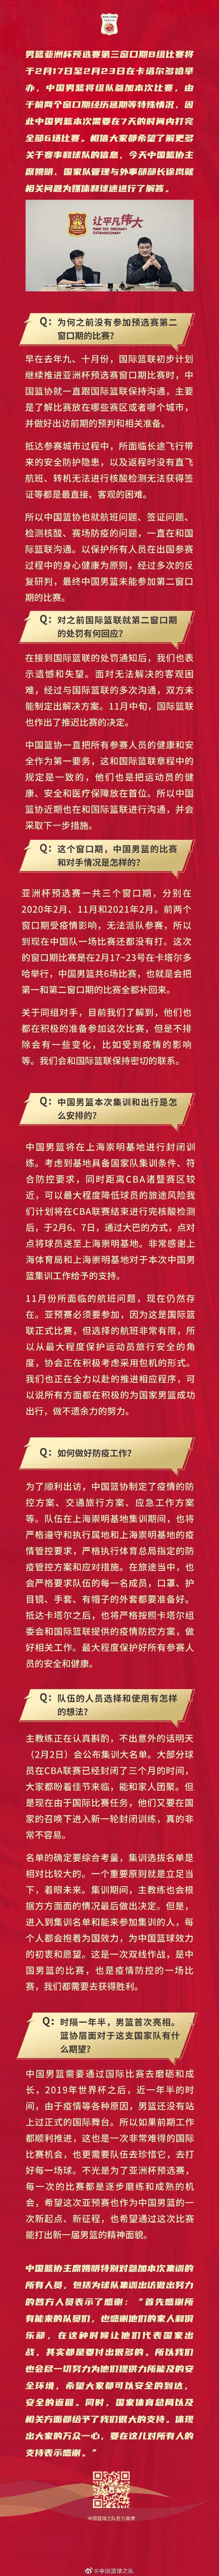 官宣:男篮将前往多哈参加亚预赛 姚明感谢球员